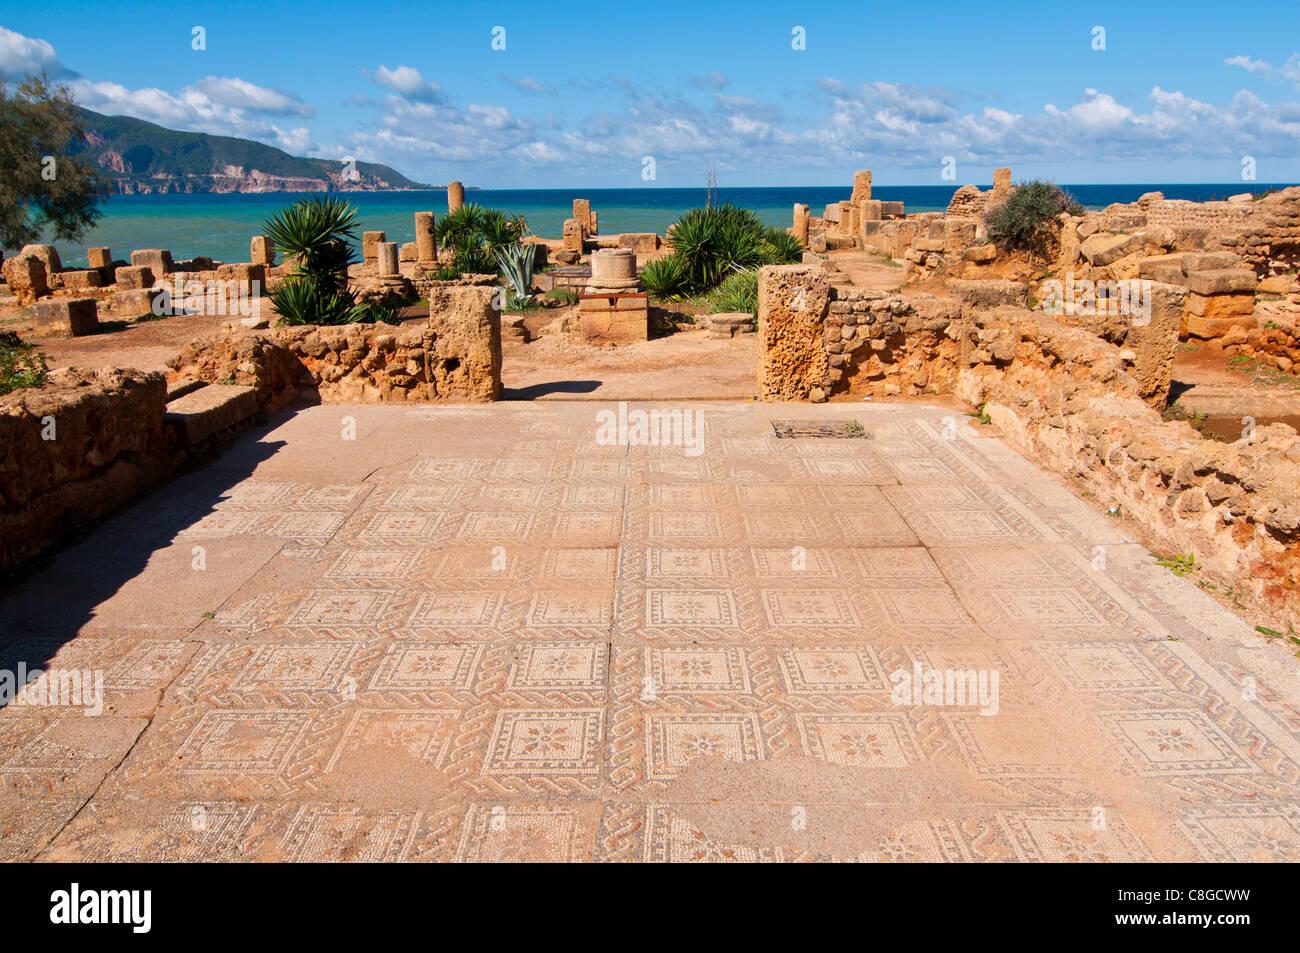 Mosaicos en las ruinas romanas de Tipasa, Sitio del Patrimonio Mundial de la UNESCO, en la costa argelina, Argelia, Imagen De Stock